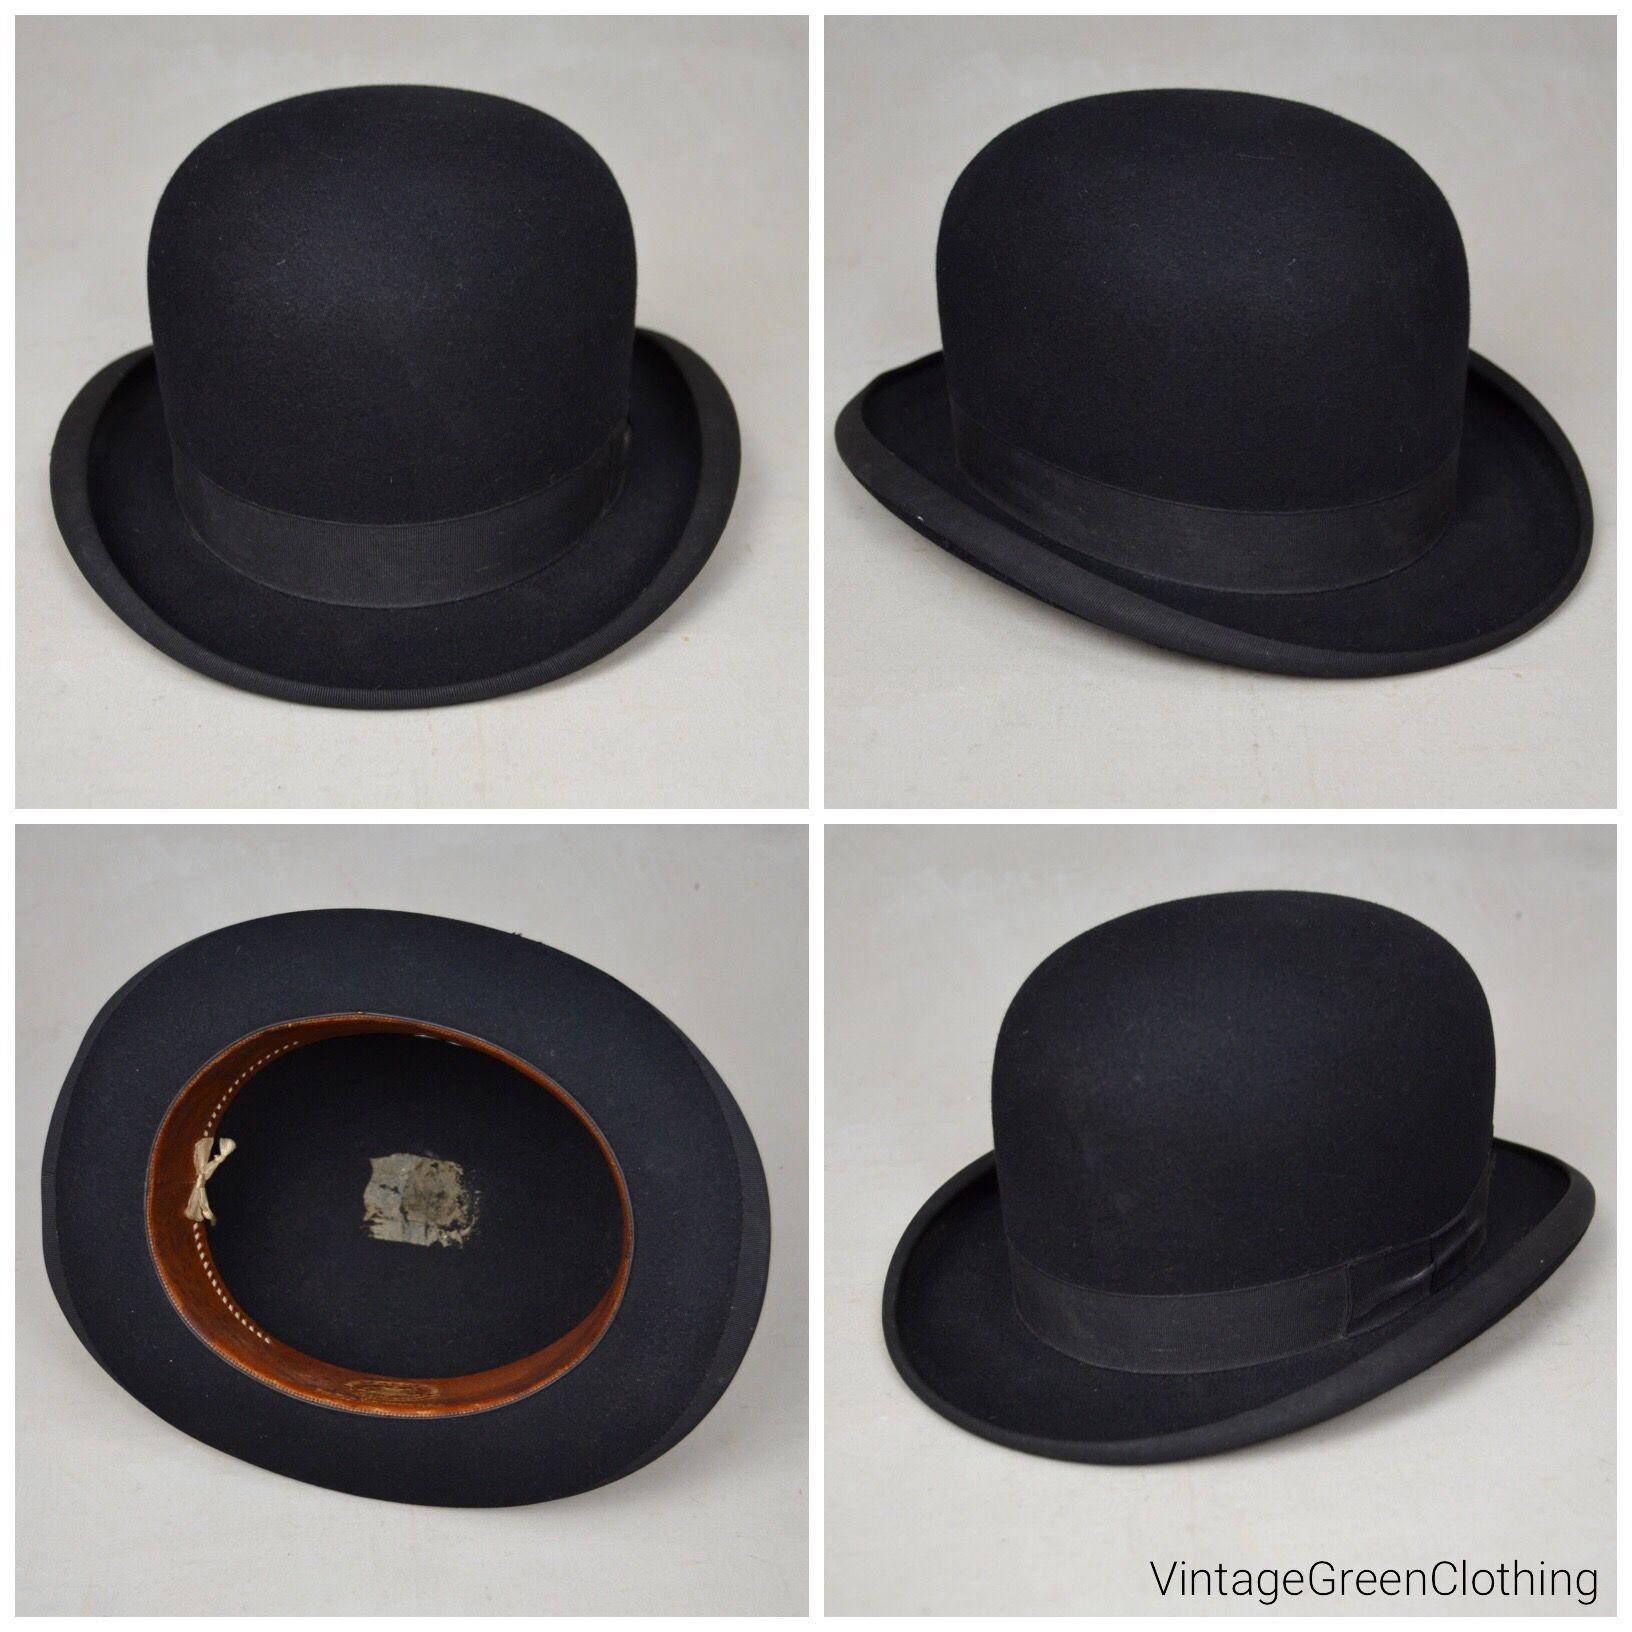 Vintage bowler hat   Derby hat. Black felt fur bowler from Stetson ... f718f340ff6